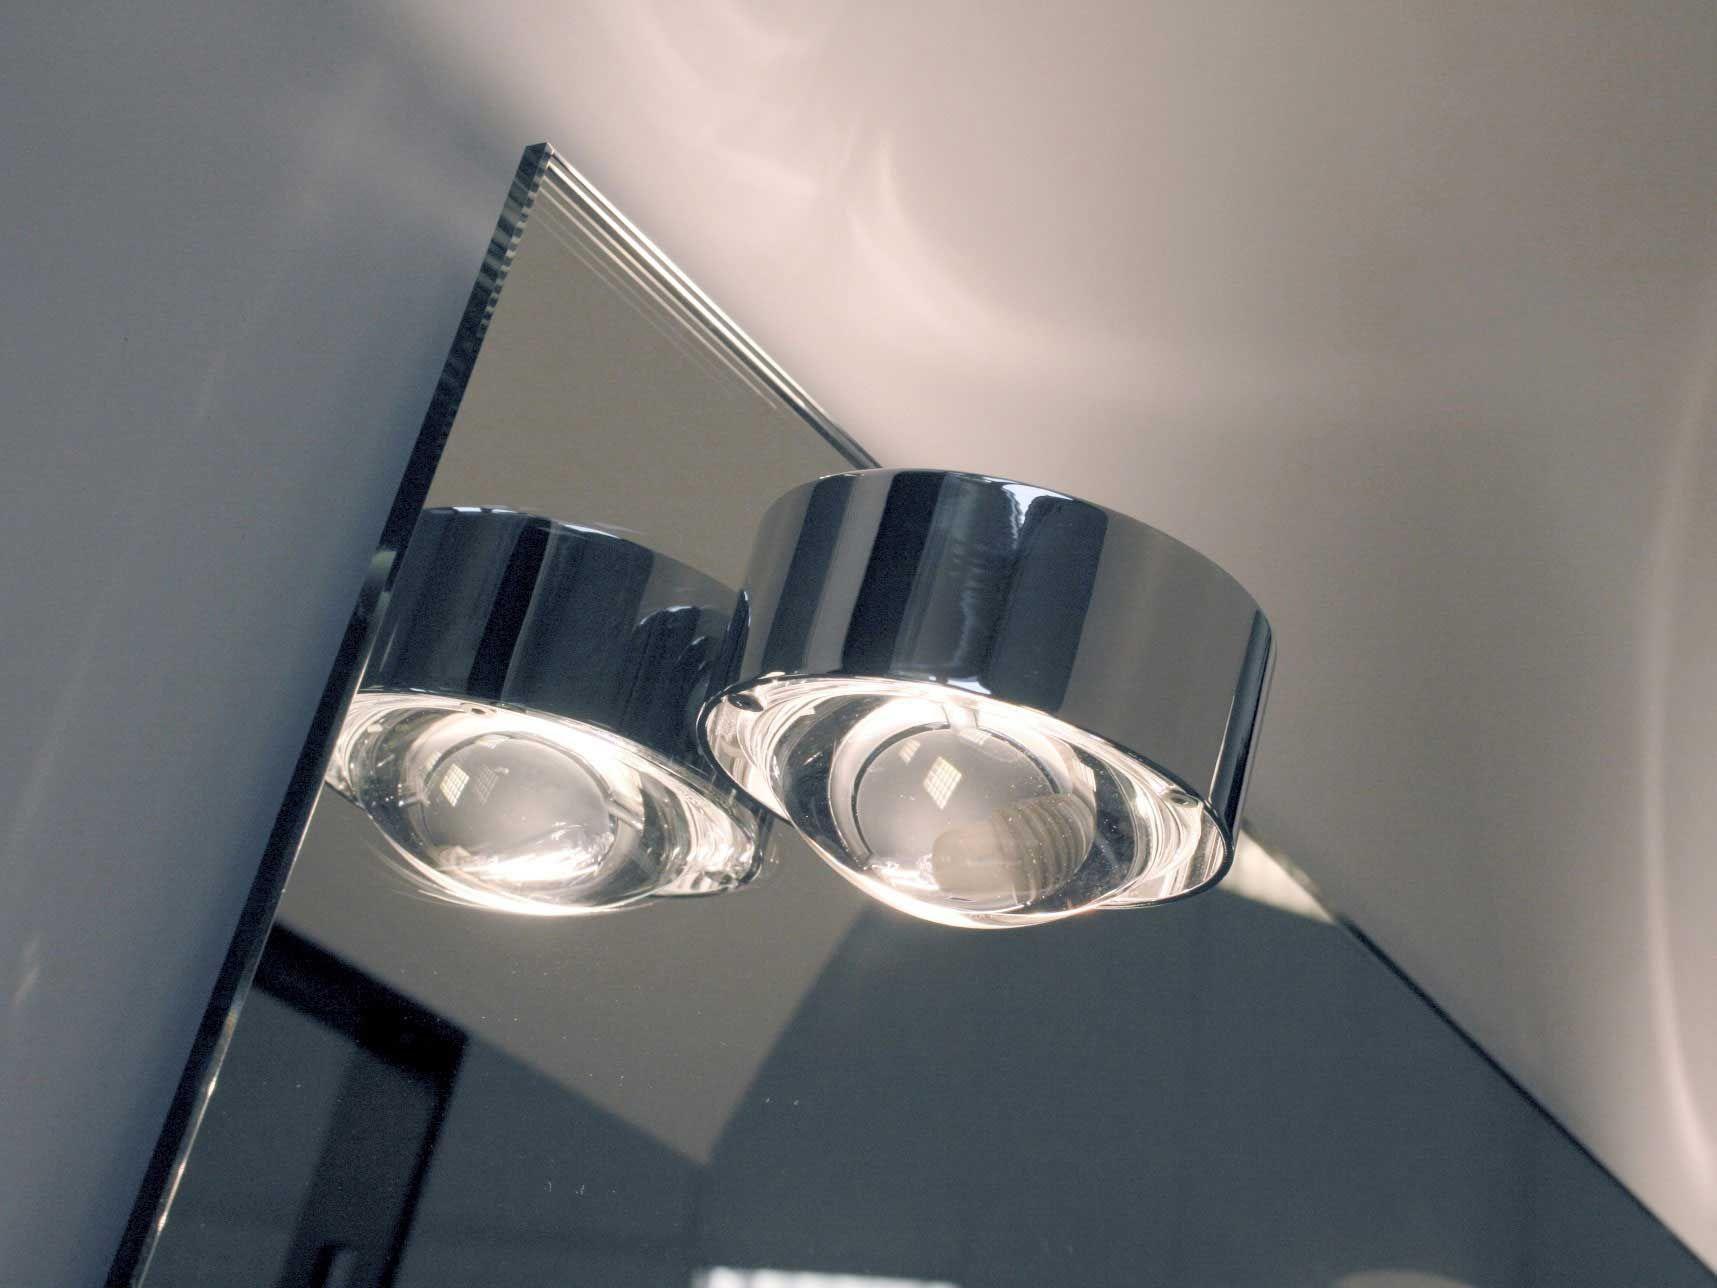 Led Badezimmerleuchte ~ Spiegeleinbauleuchte puk mirror badezimmerleuchte top light